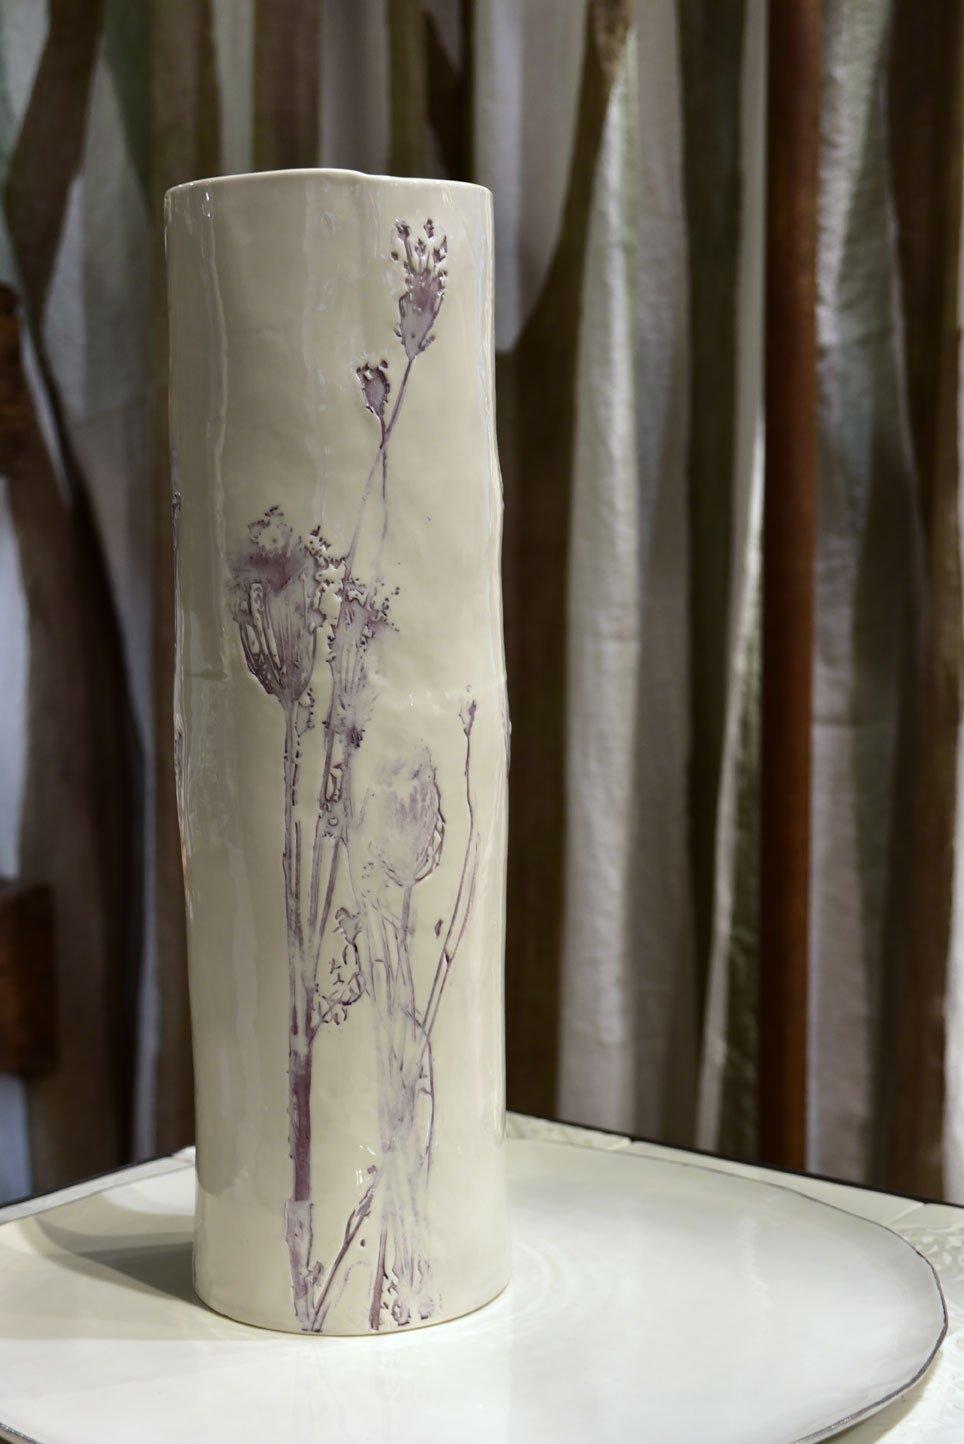 Hand made porcelain vase